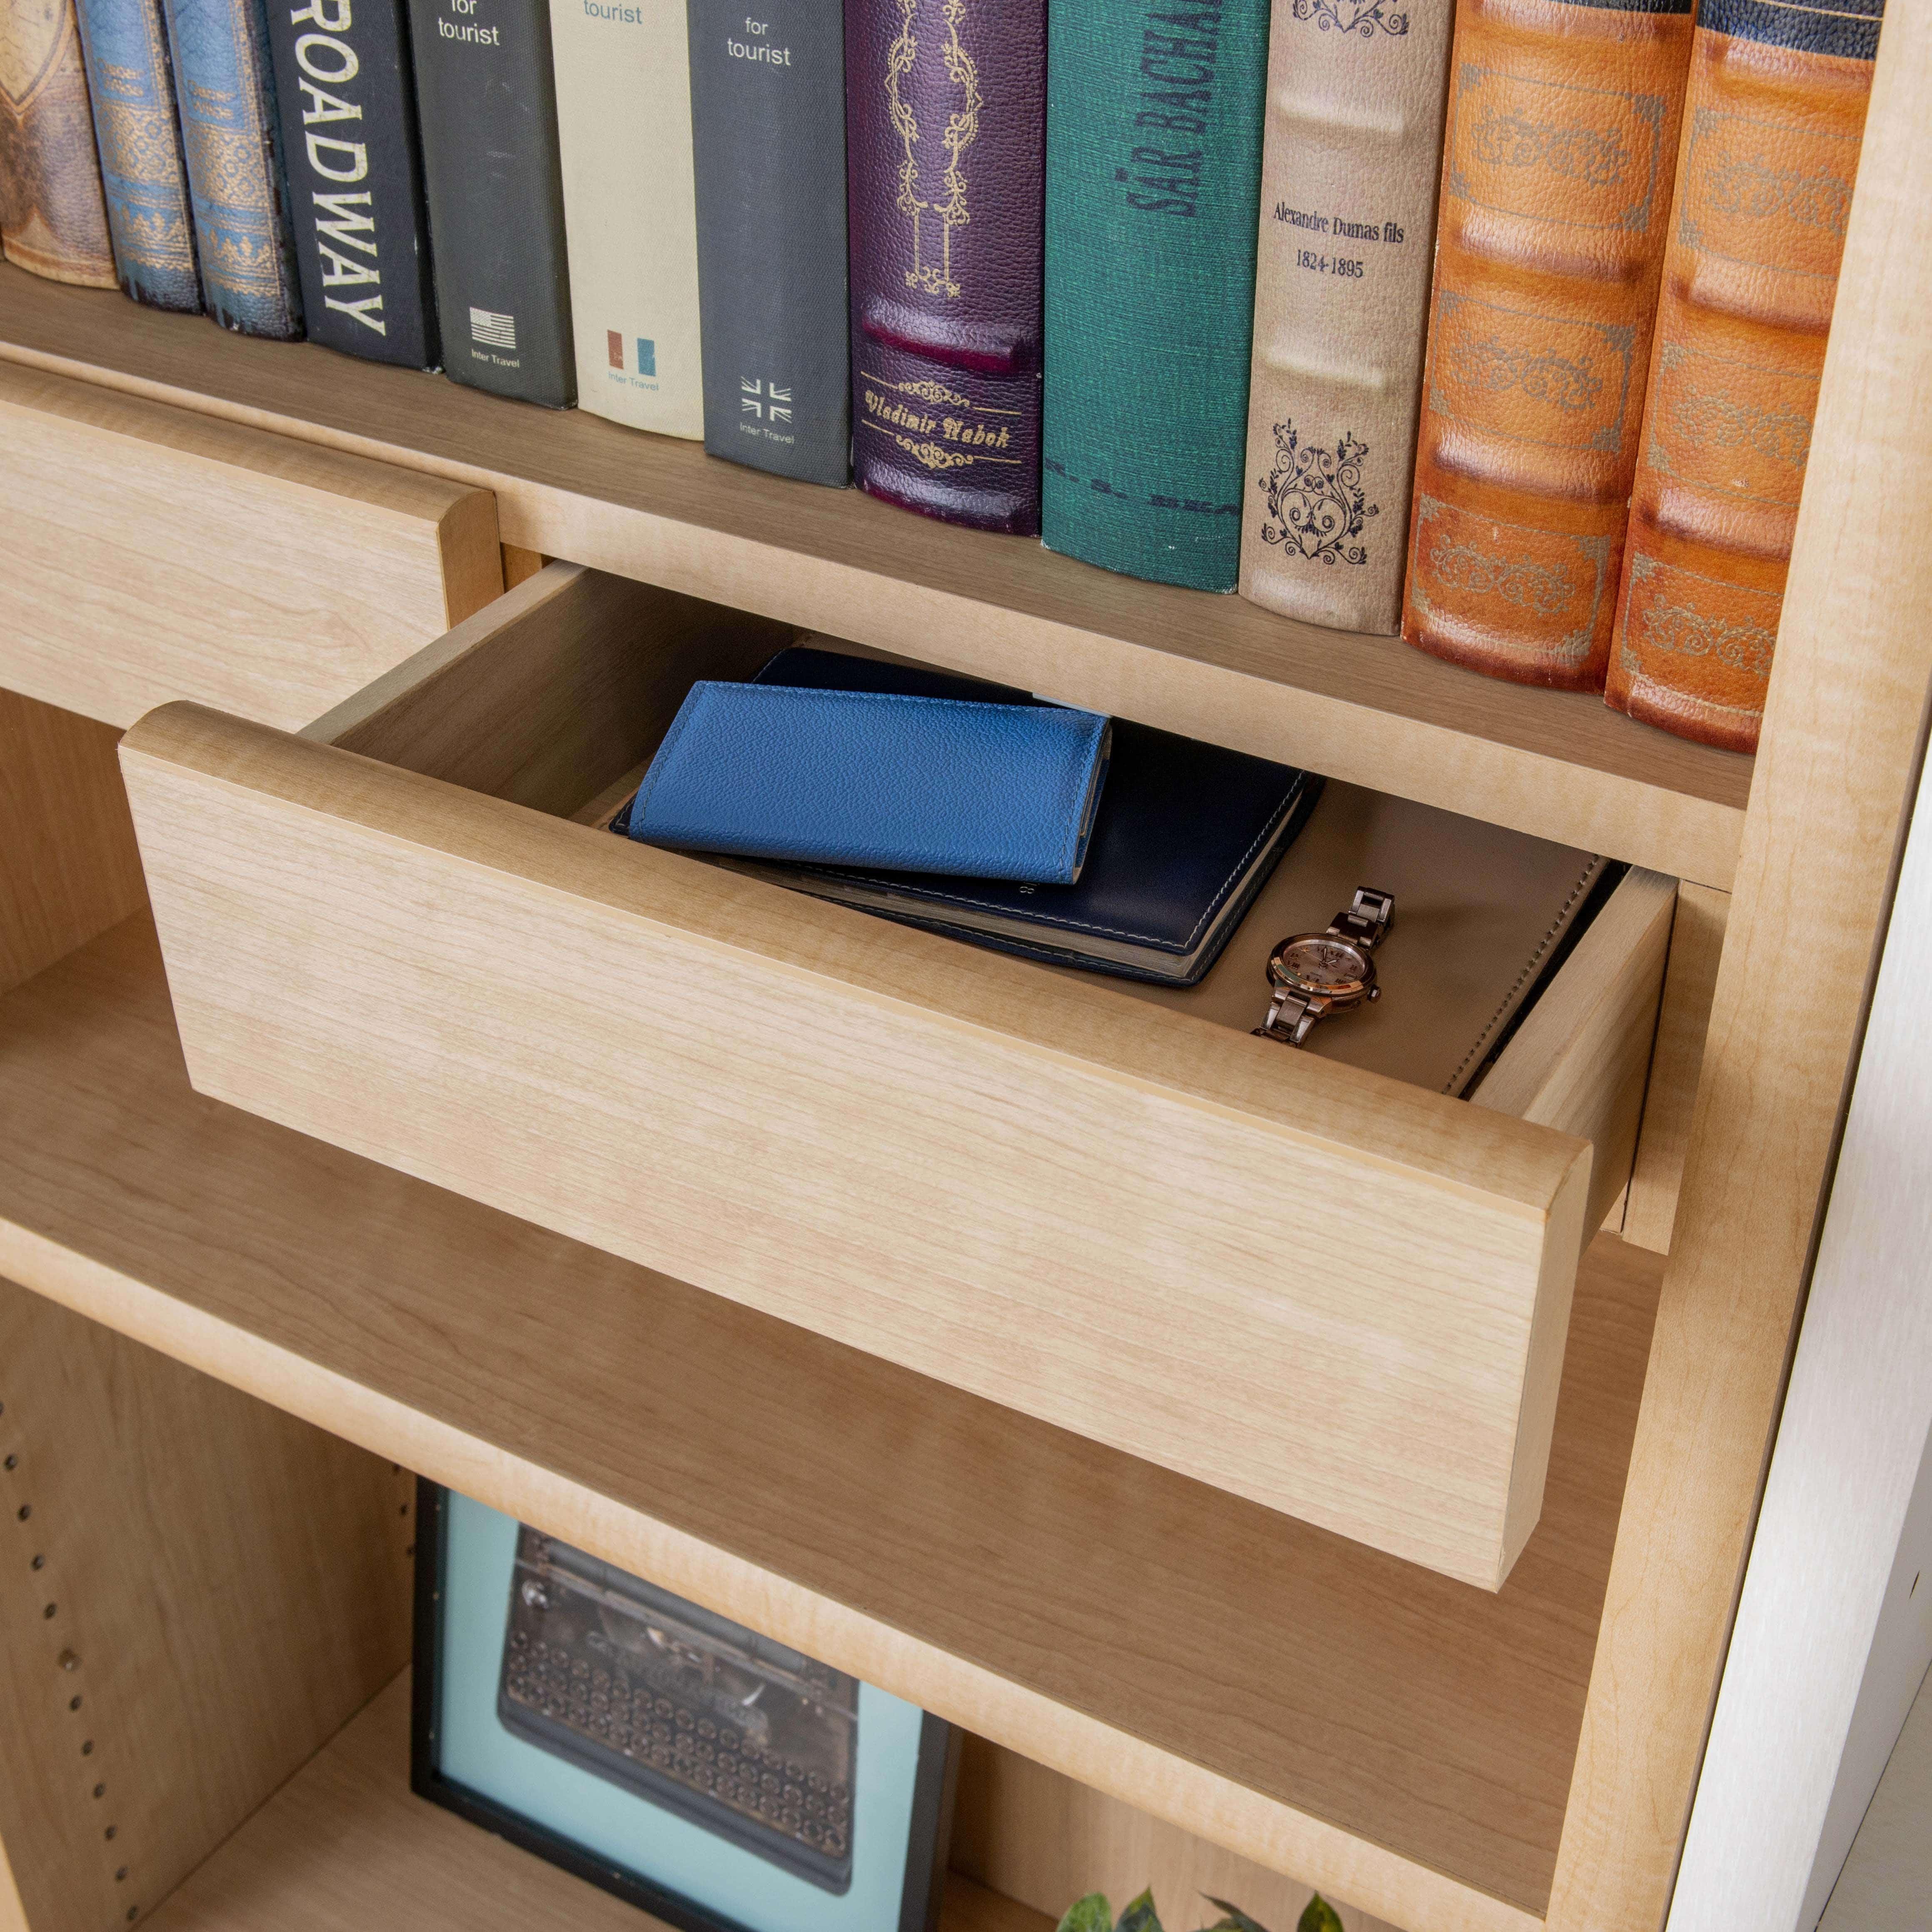 小島工芸 書棚 アコード115H(ホワイト):収納の幅を広げるオプション引き出し